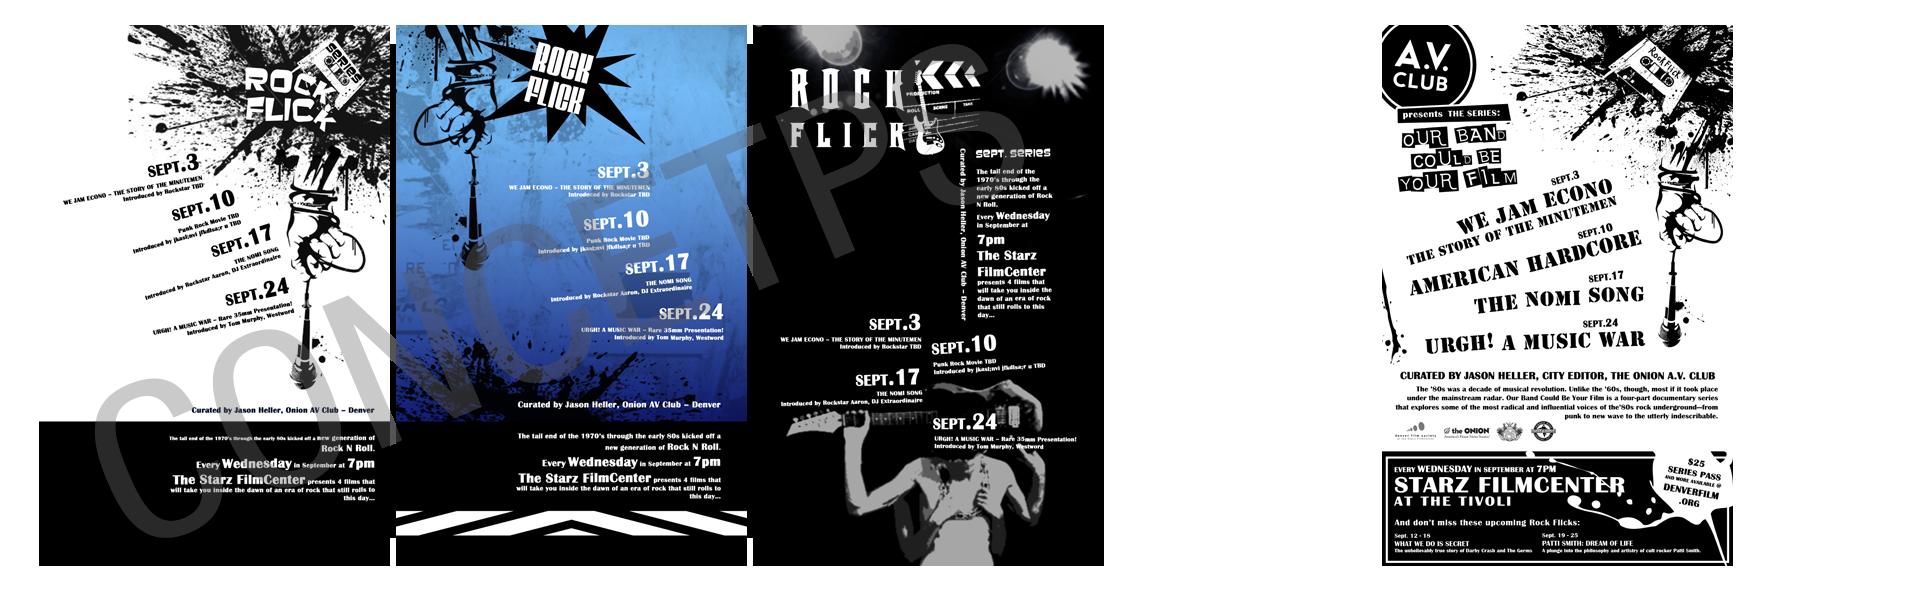 Denver Film Center - Rock Flick Poster Design